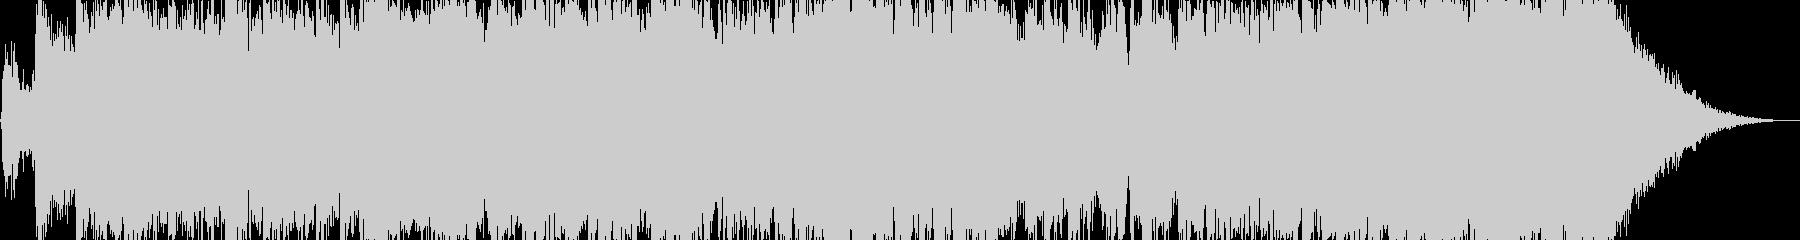 雪山合戦【和風オーケストラ戦闘曲】の未再生の波形